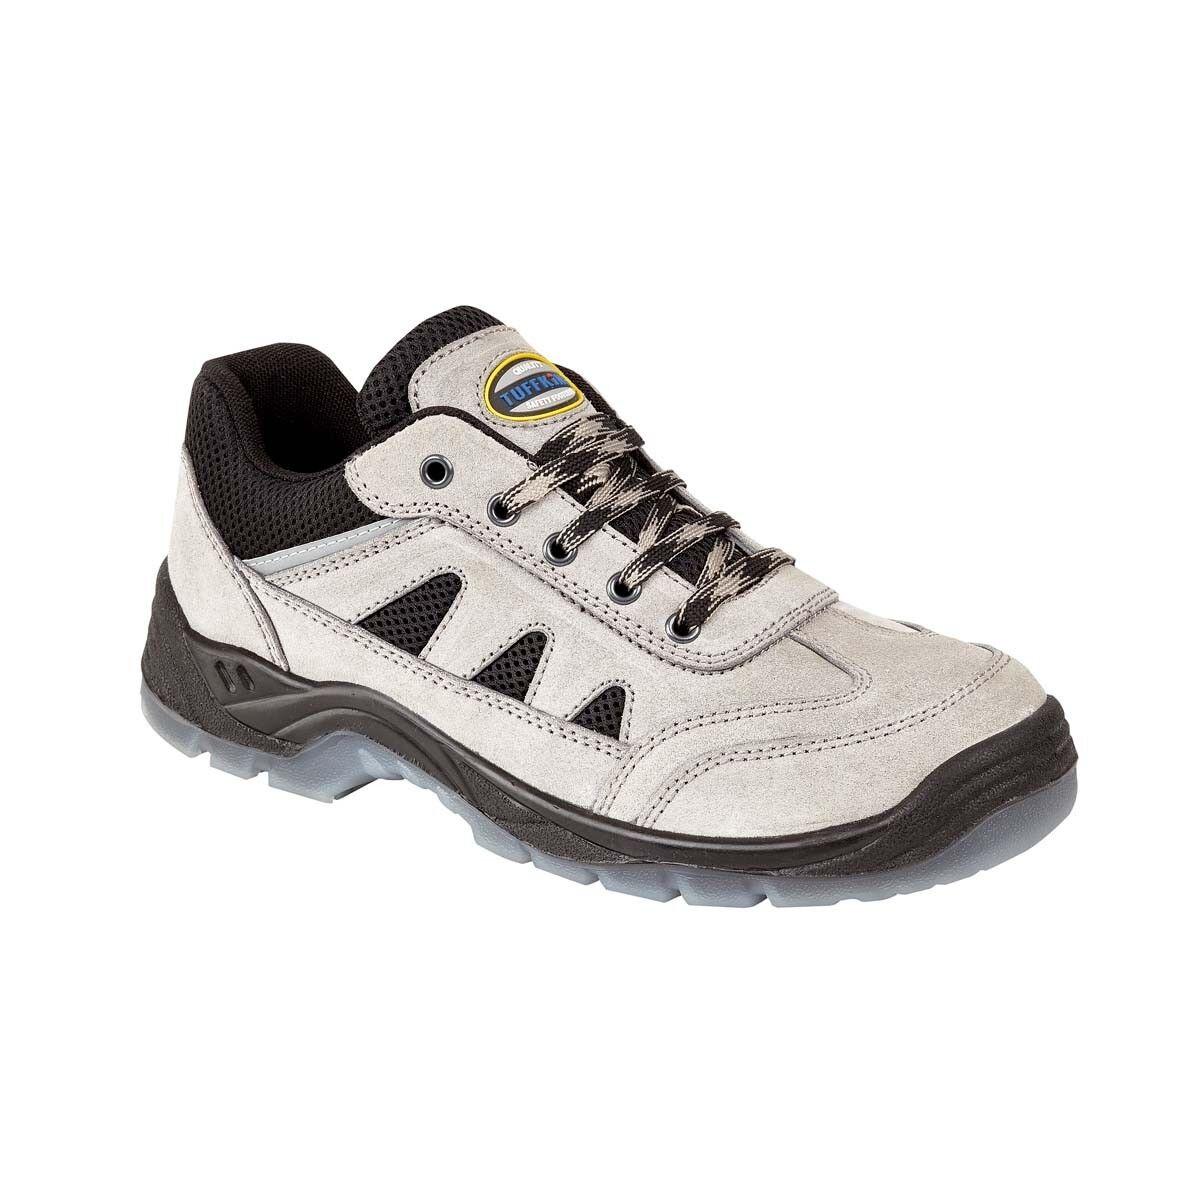 Grandes descuentos nuevos zapatos Rieker zapatos botas b1340-22 marrón (marrón) nuevo